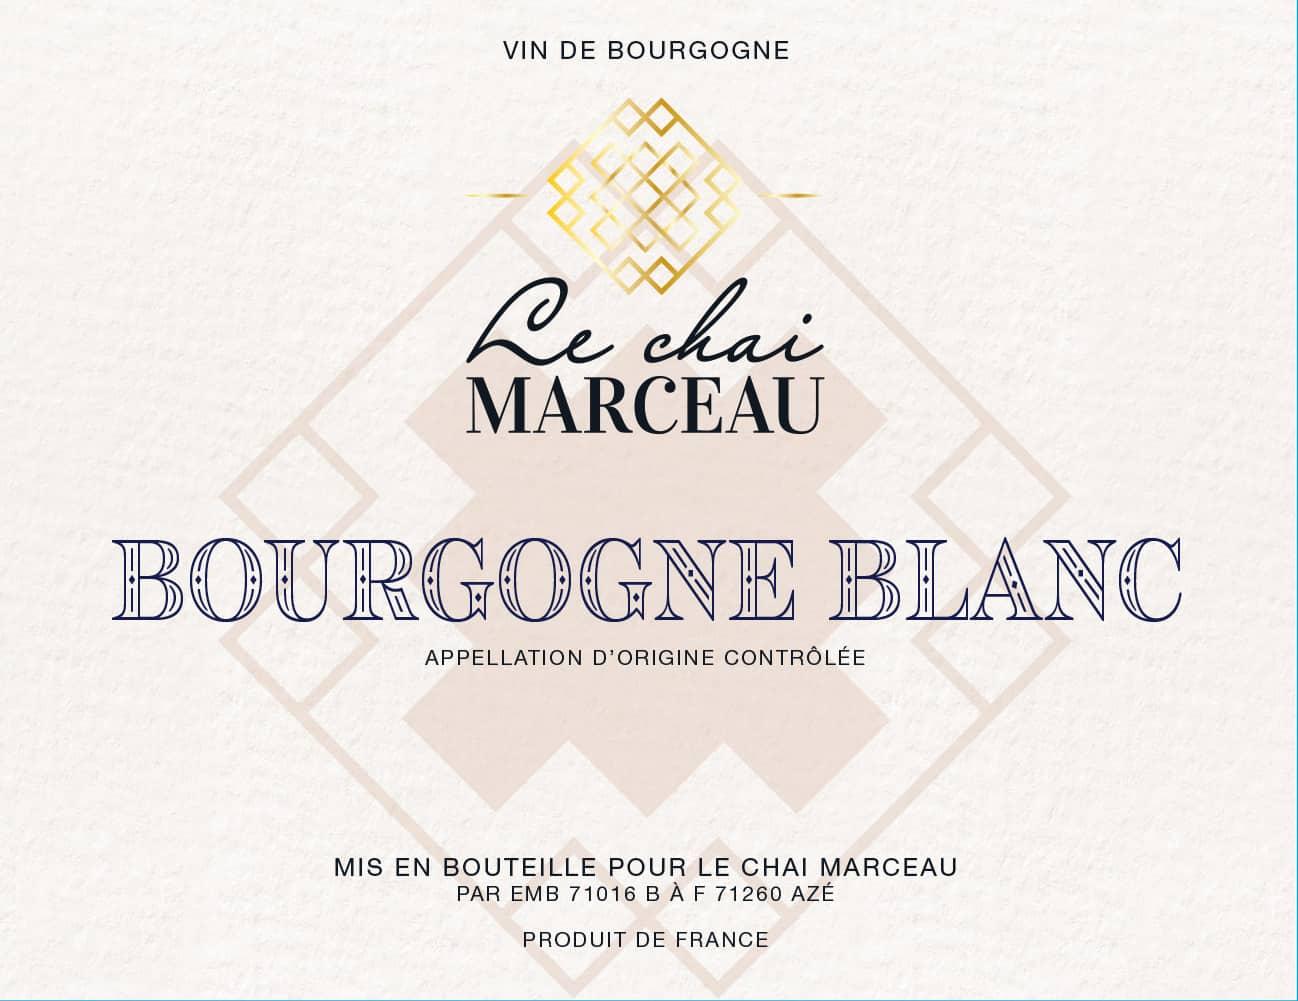 Front Label of Le Chai Marceau Bourgogne Blanc Chardonnay wine